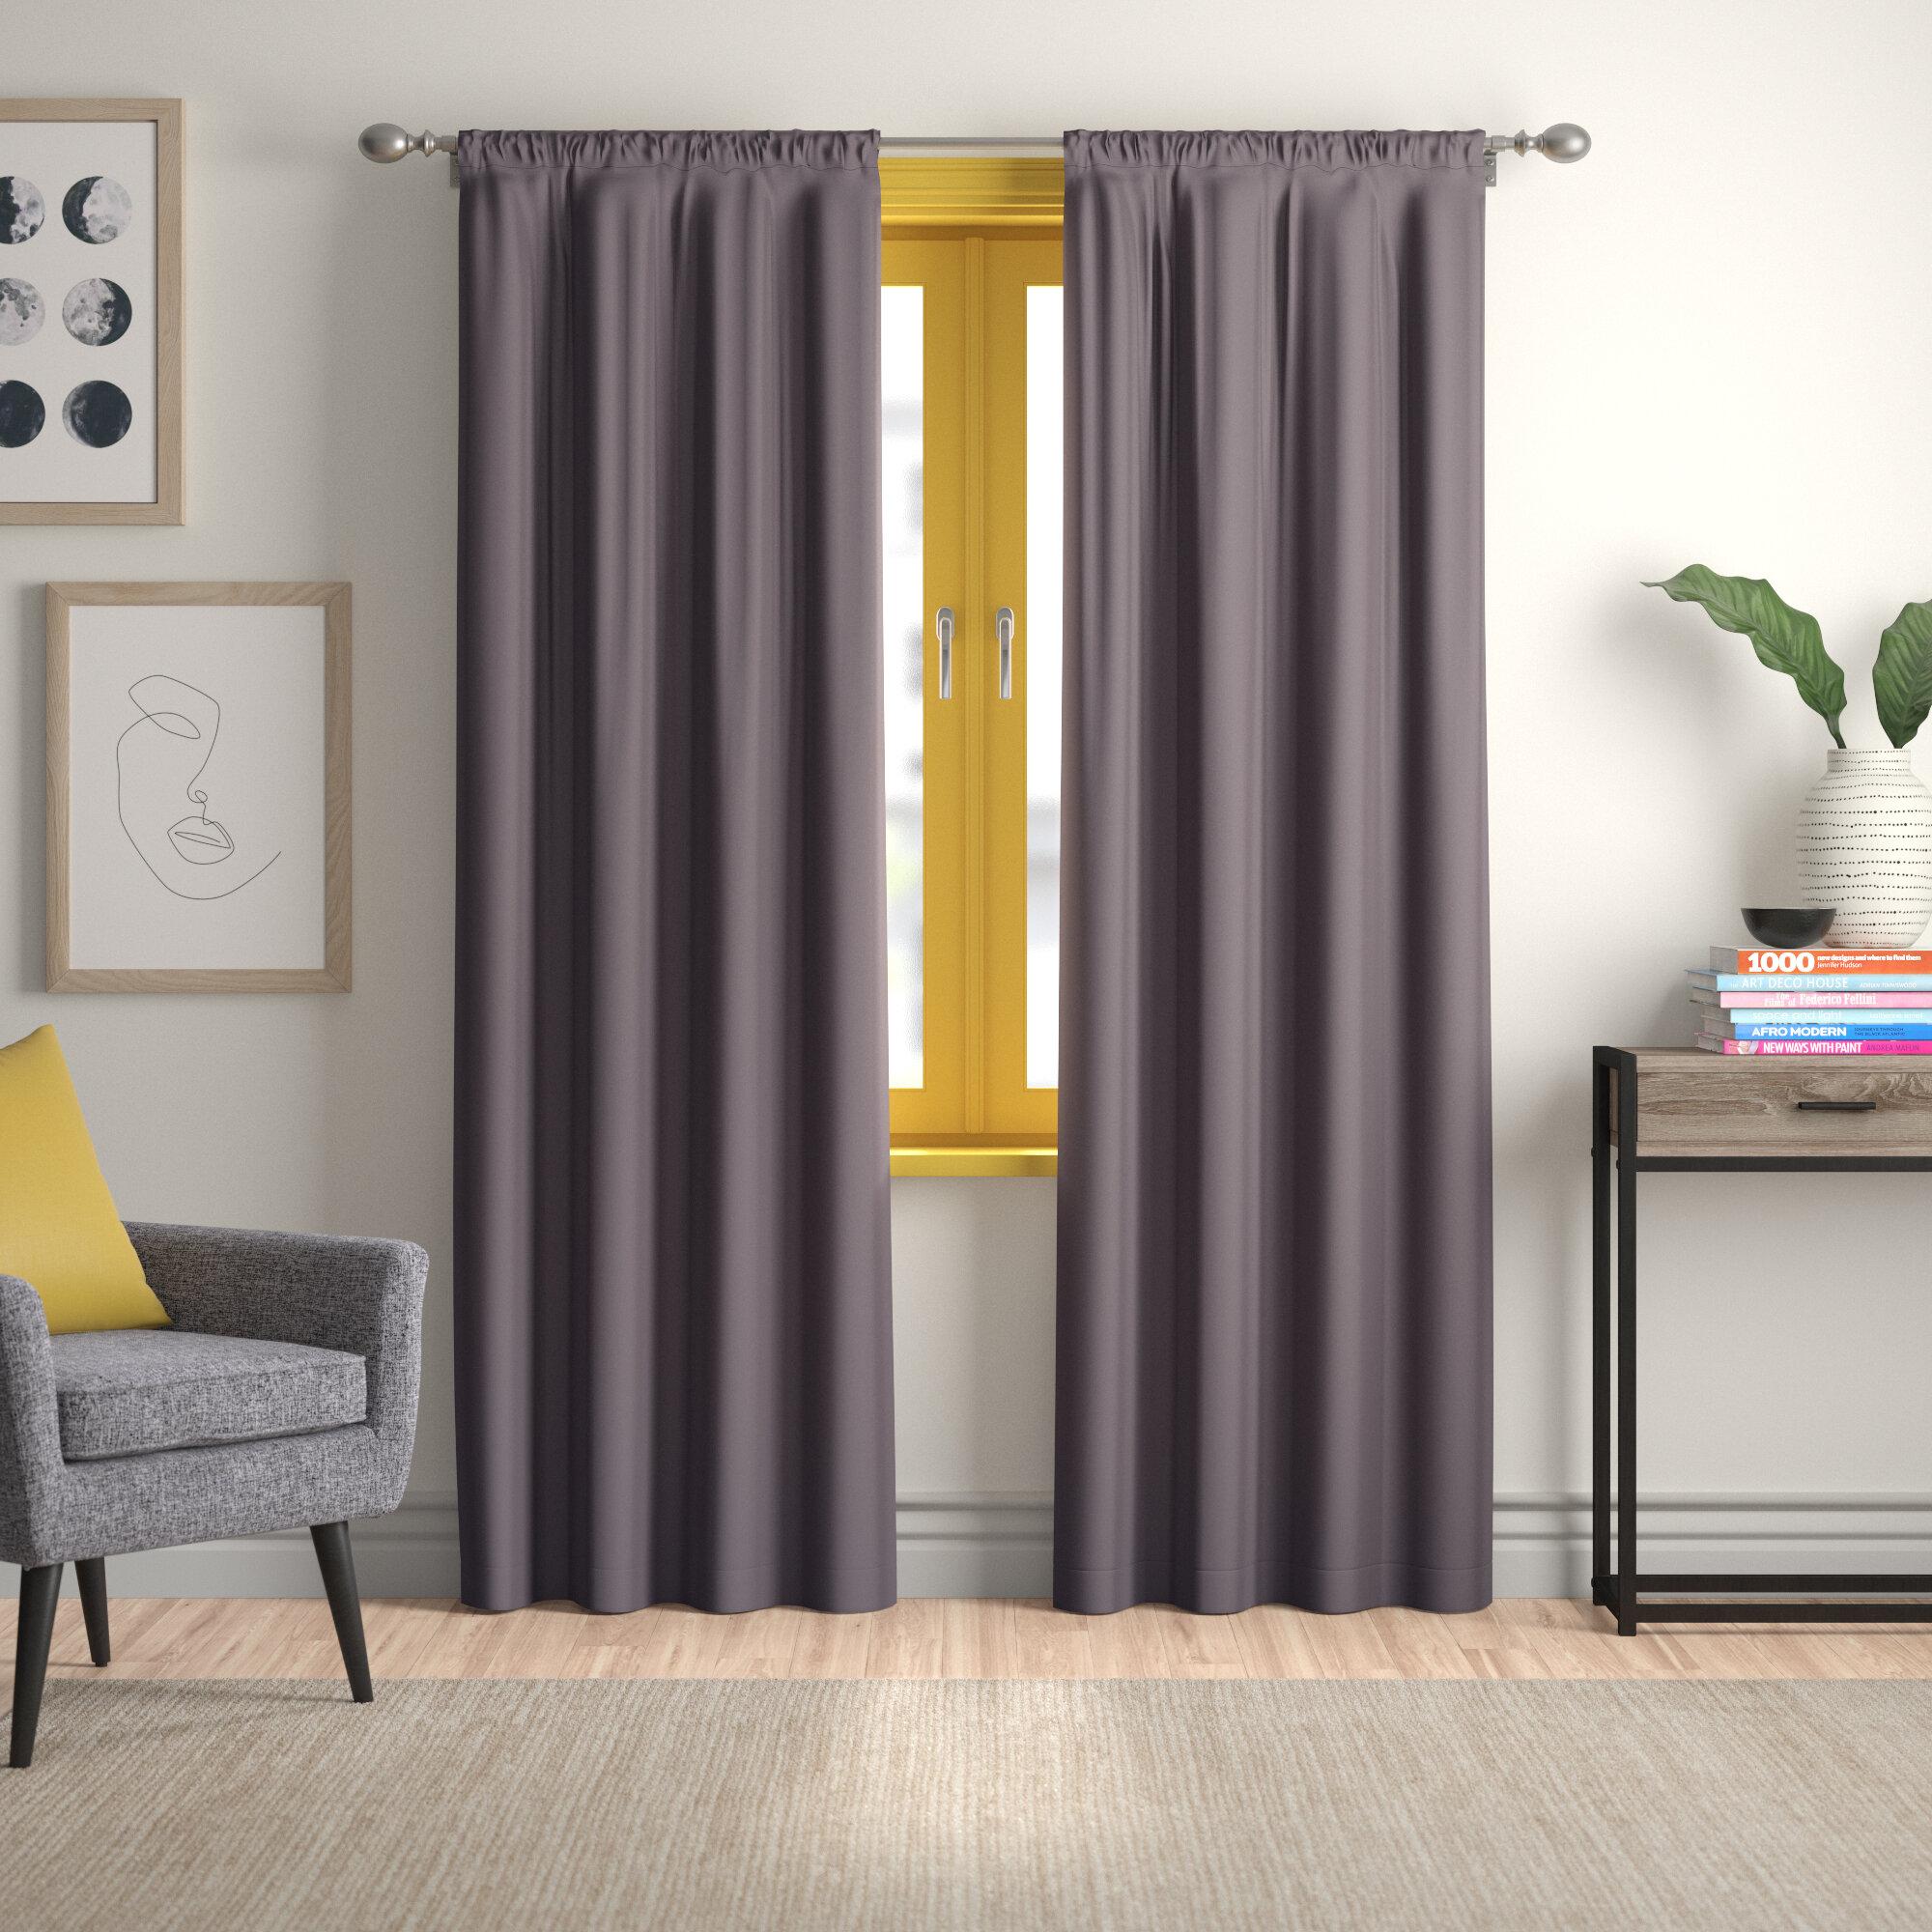 Rideaux Design Pour Chambre panneau de rideau simple pour assombrir la chambre thermique madilynn